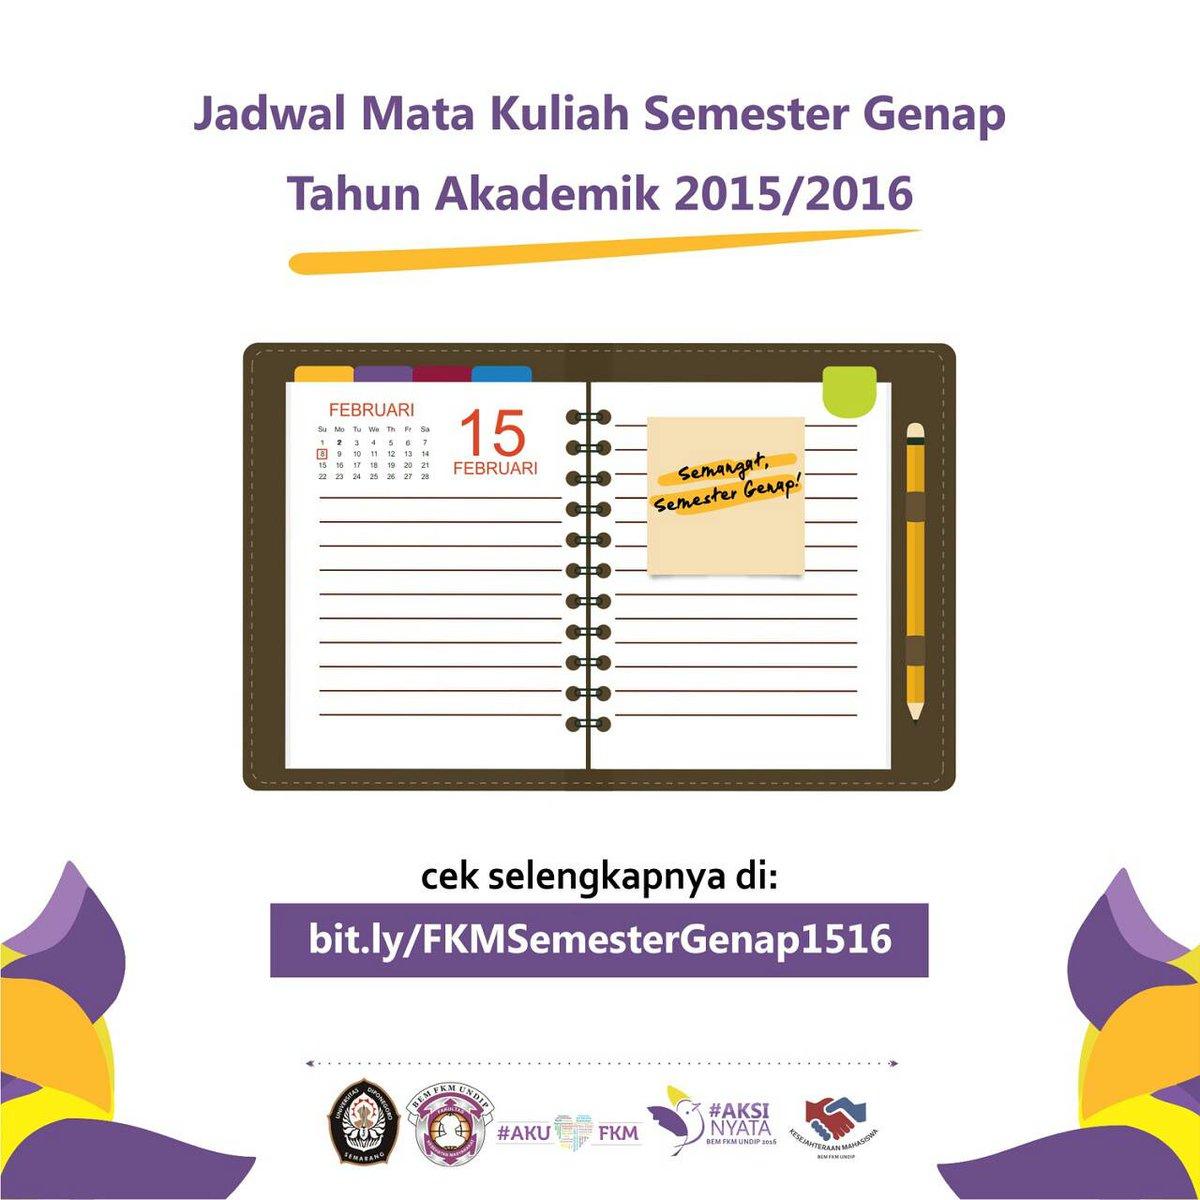 Bem Fkm Undip On Twitter Yuk Download Jadwal Kuliah Semester Genap Di Link Berikut Httpst Cotslqbxmj Selamat Menikmati Sisa Liburan